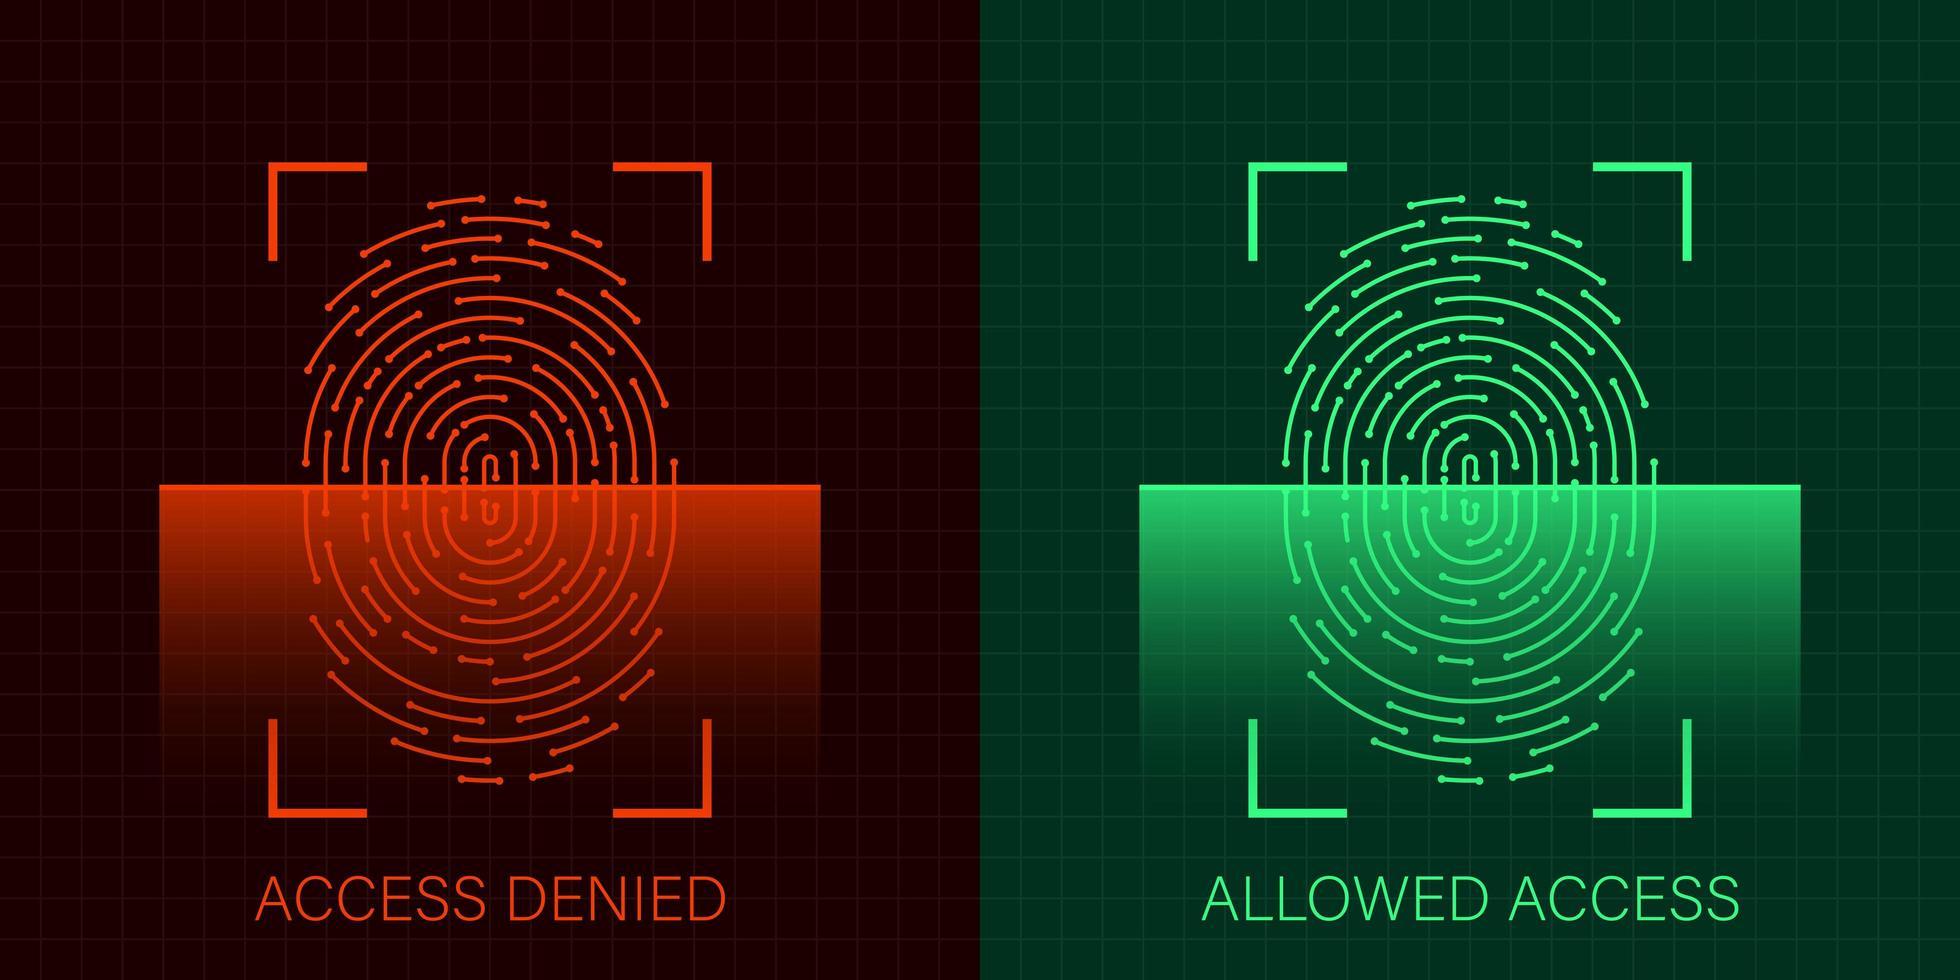 conjunto de acesso permitido e negado via impressão digital vetor